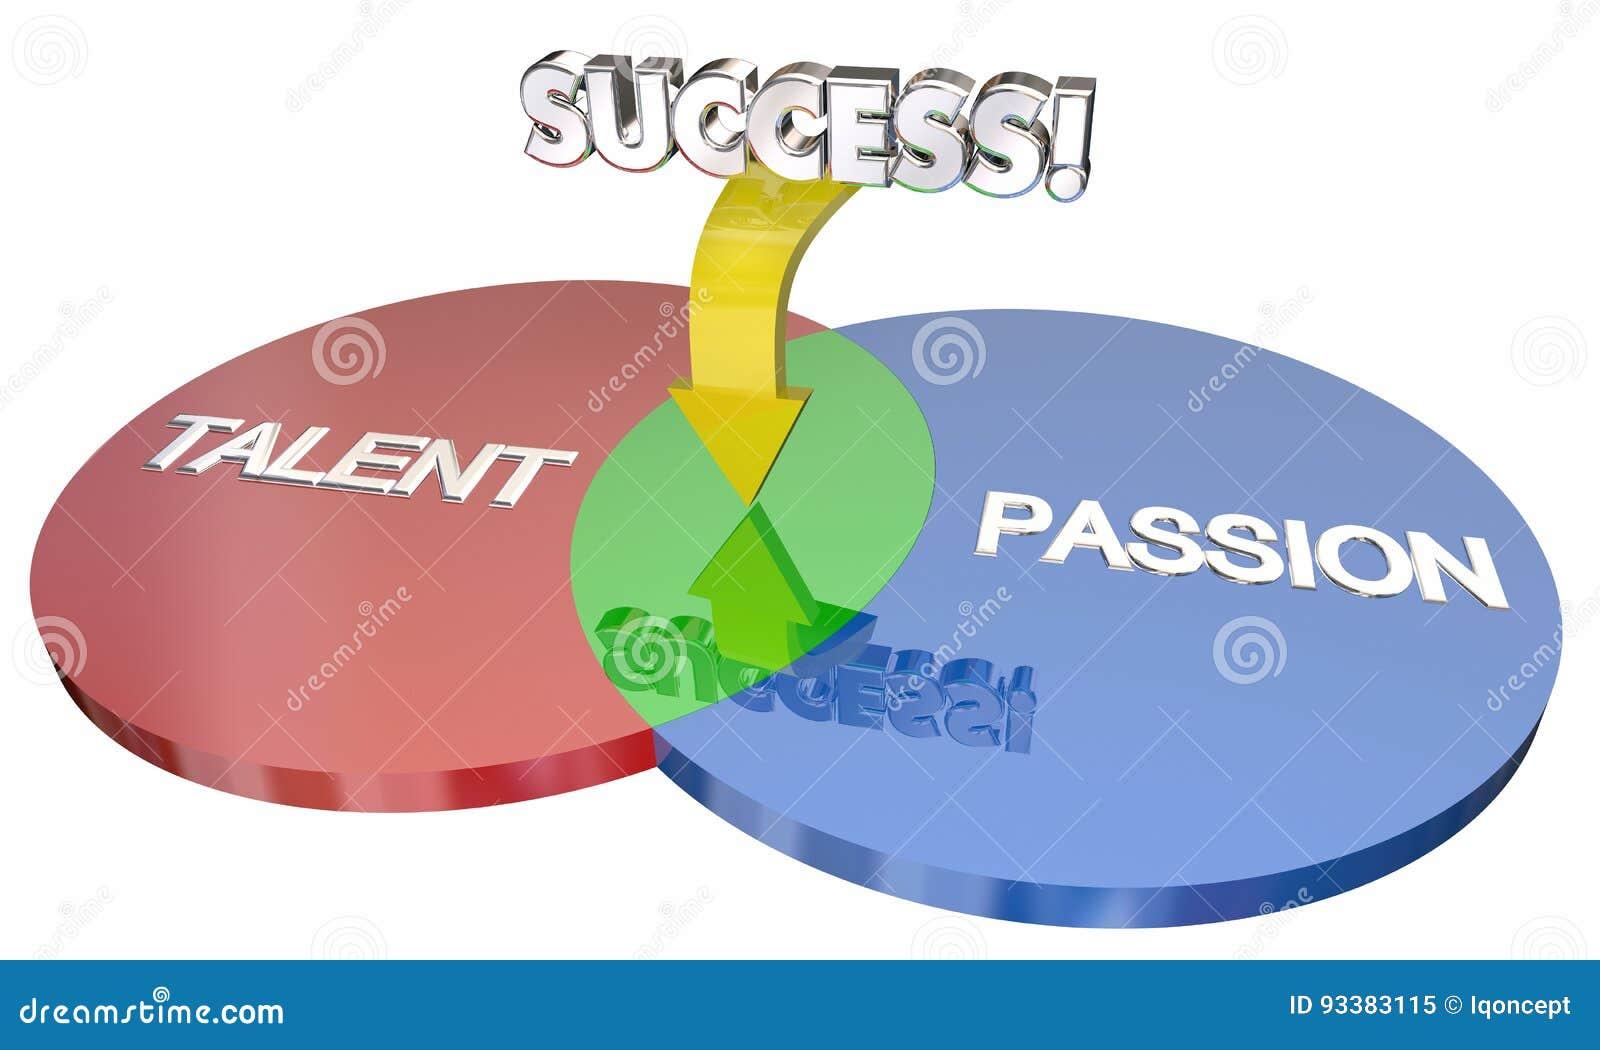 O talento mais a paixo iguala o sucesso venn diagram ilustrao download o talento mais a paixo iguala o sucesso venn diagram ilustrao stock ilustrao de ccuart Gallery